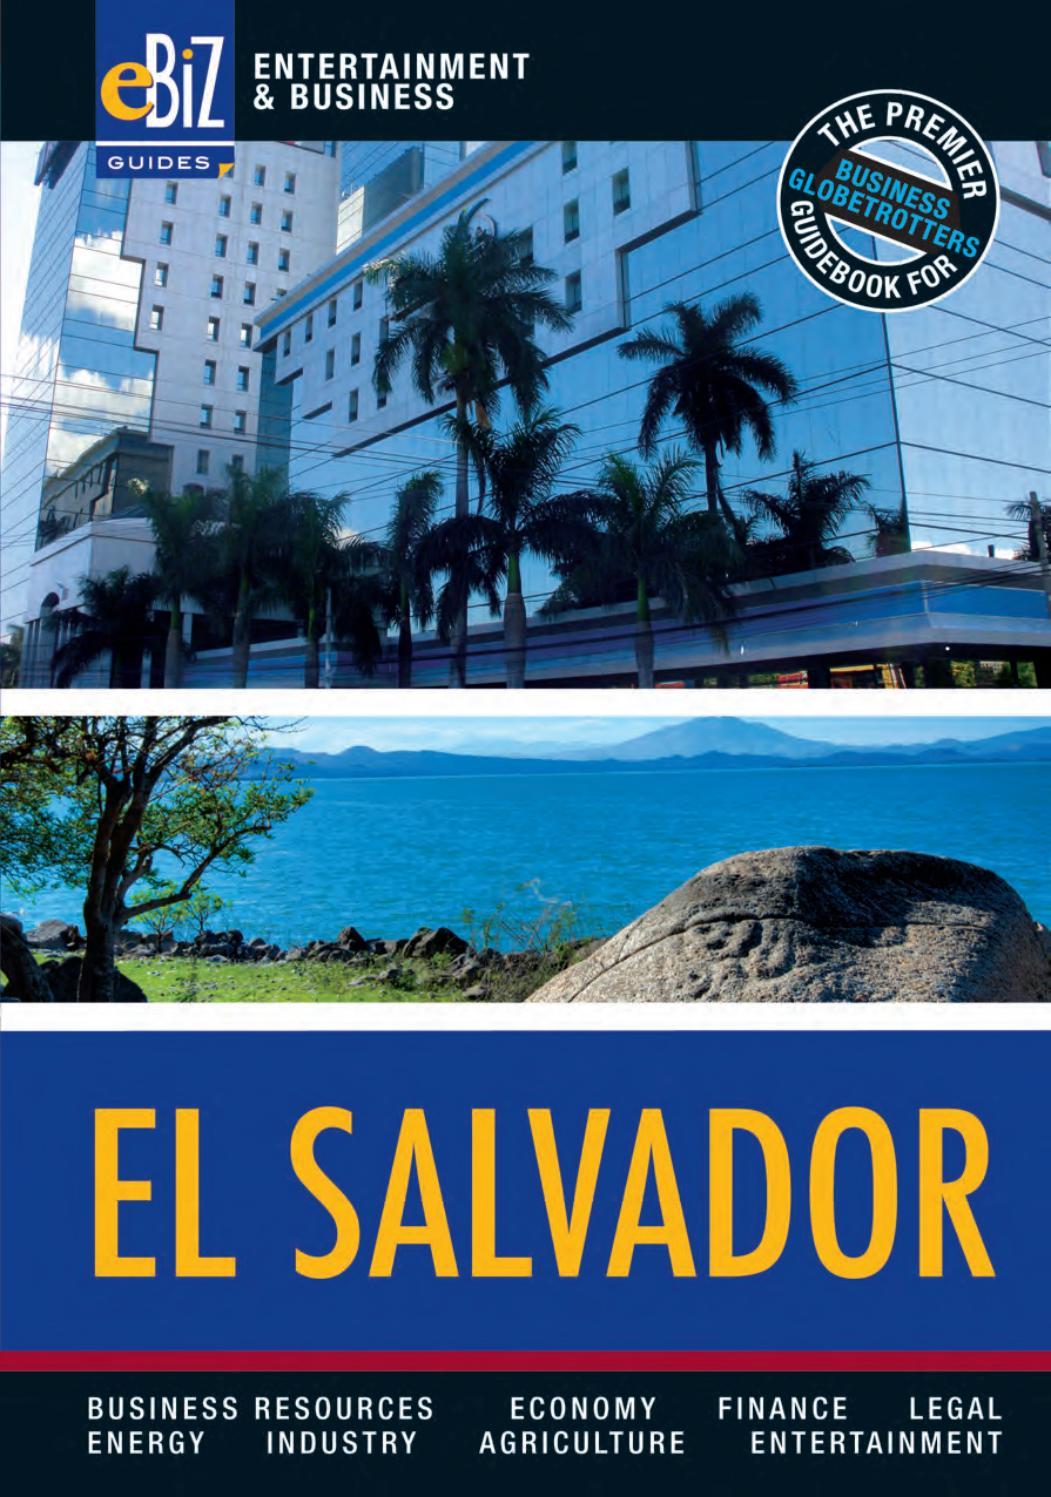 Ebizguides El Salvador By Ebizguides Issuu